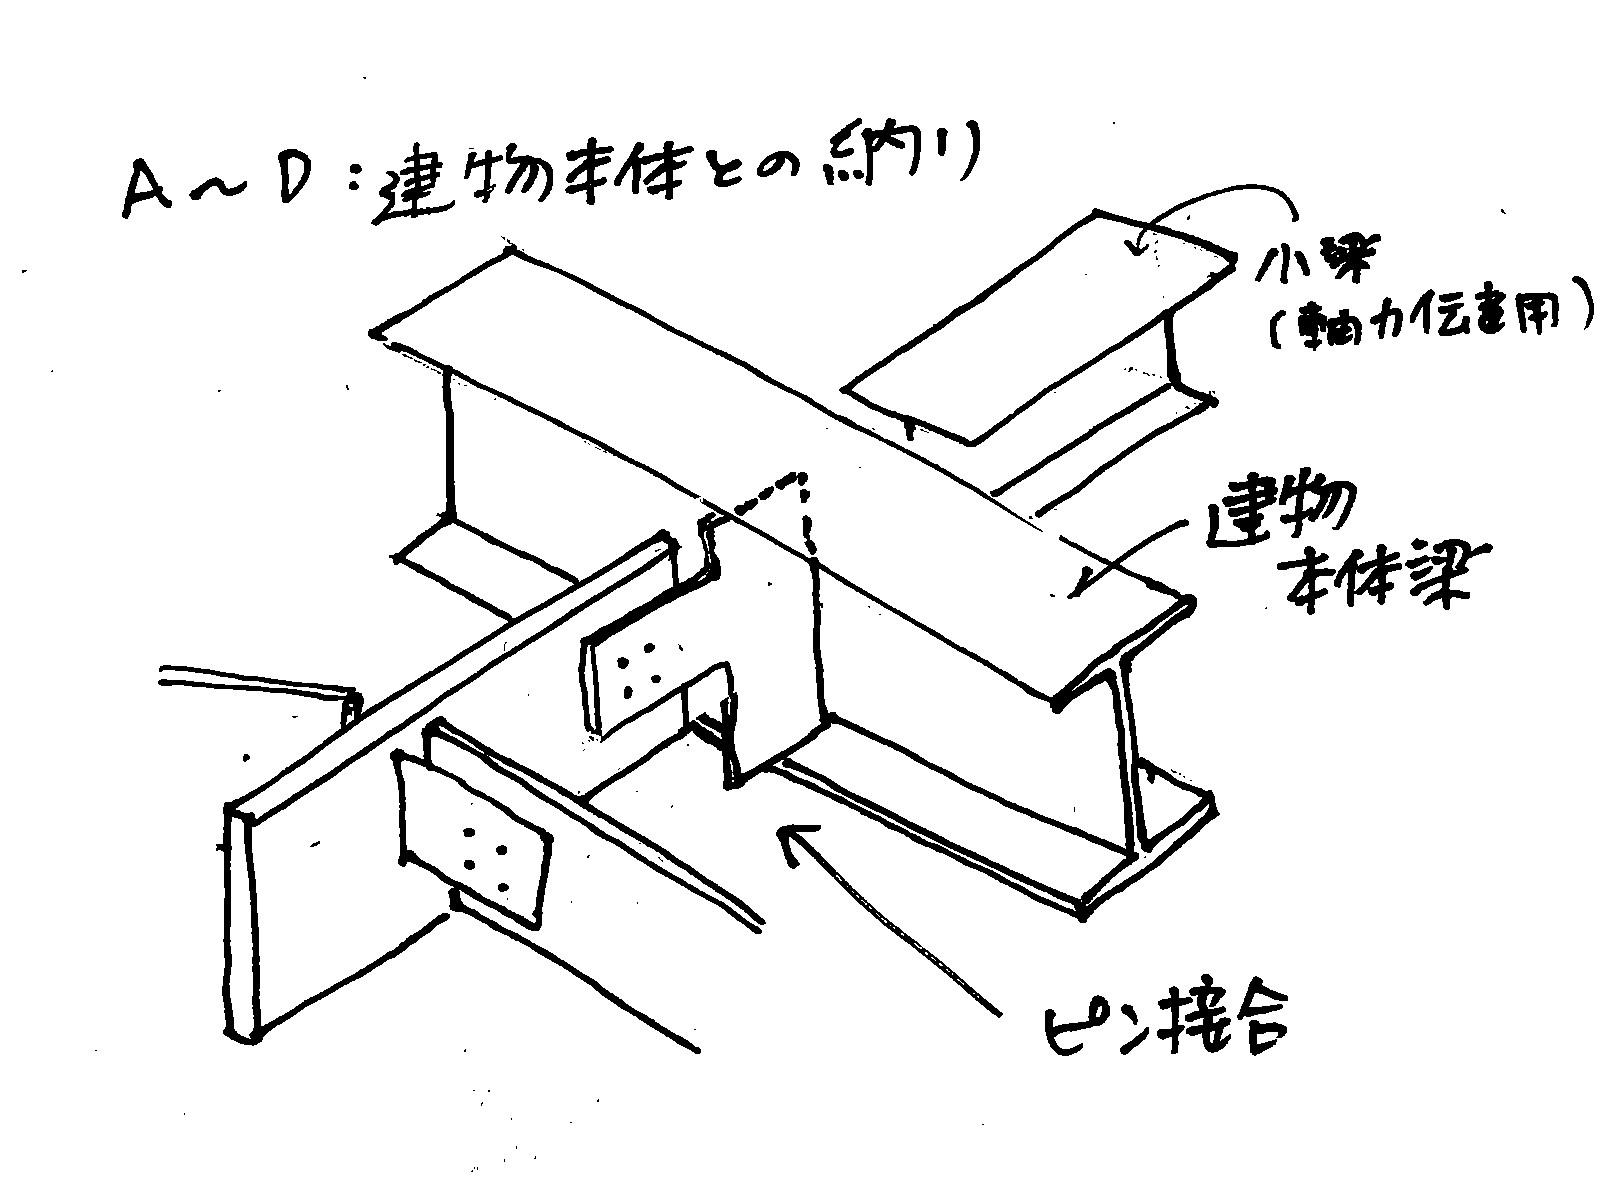 一般的な階段は片持ち梁に乗せる 建物外部などに設けられる外階段(鉄骨サ... Stairs wi